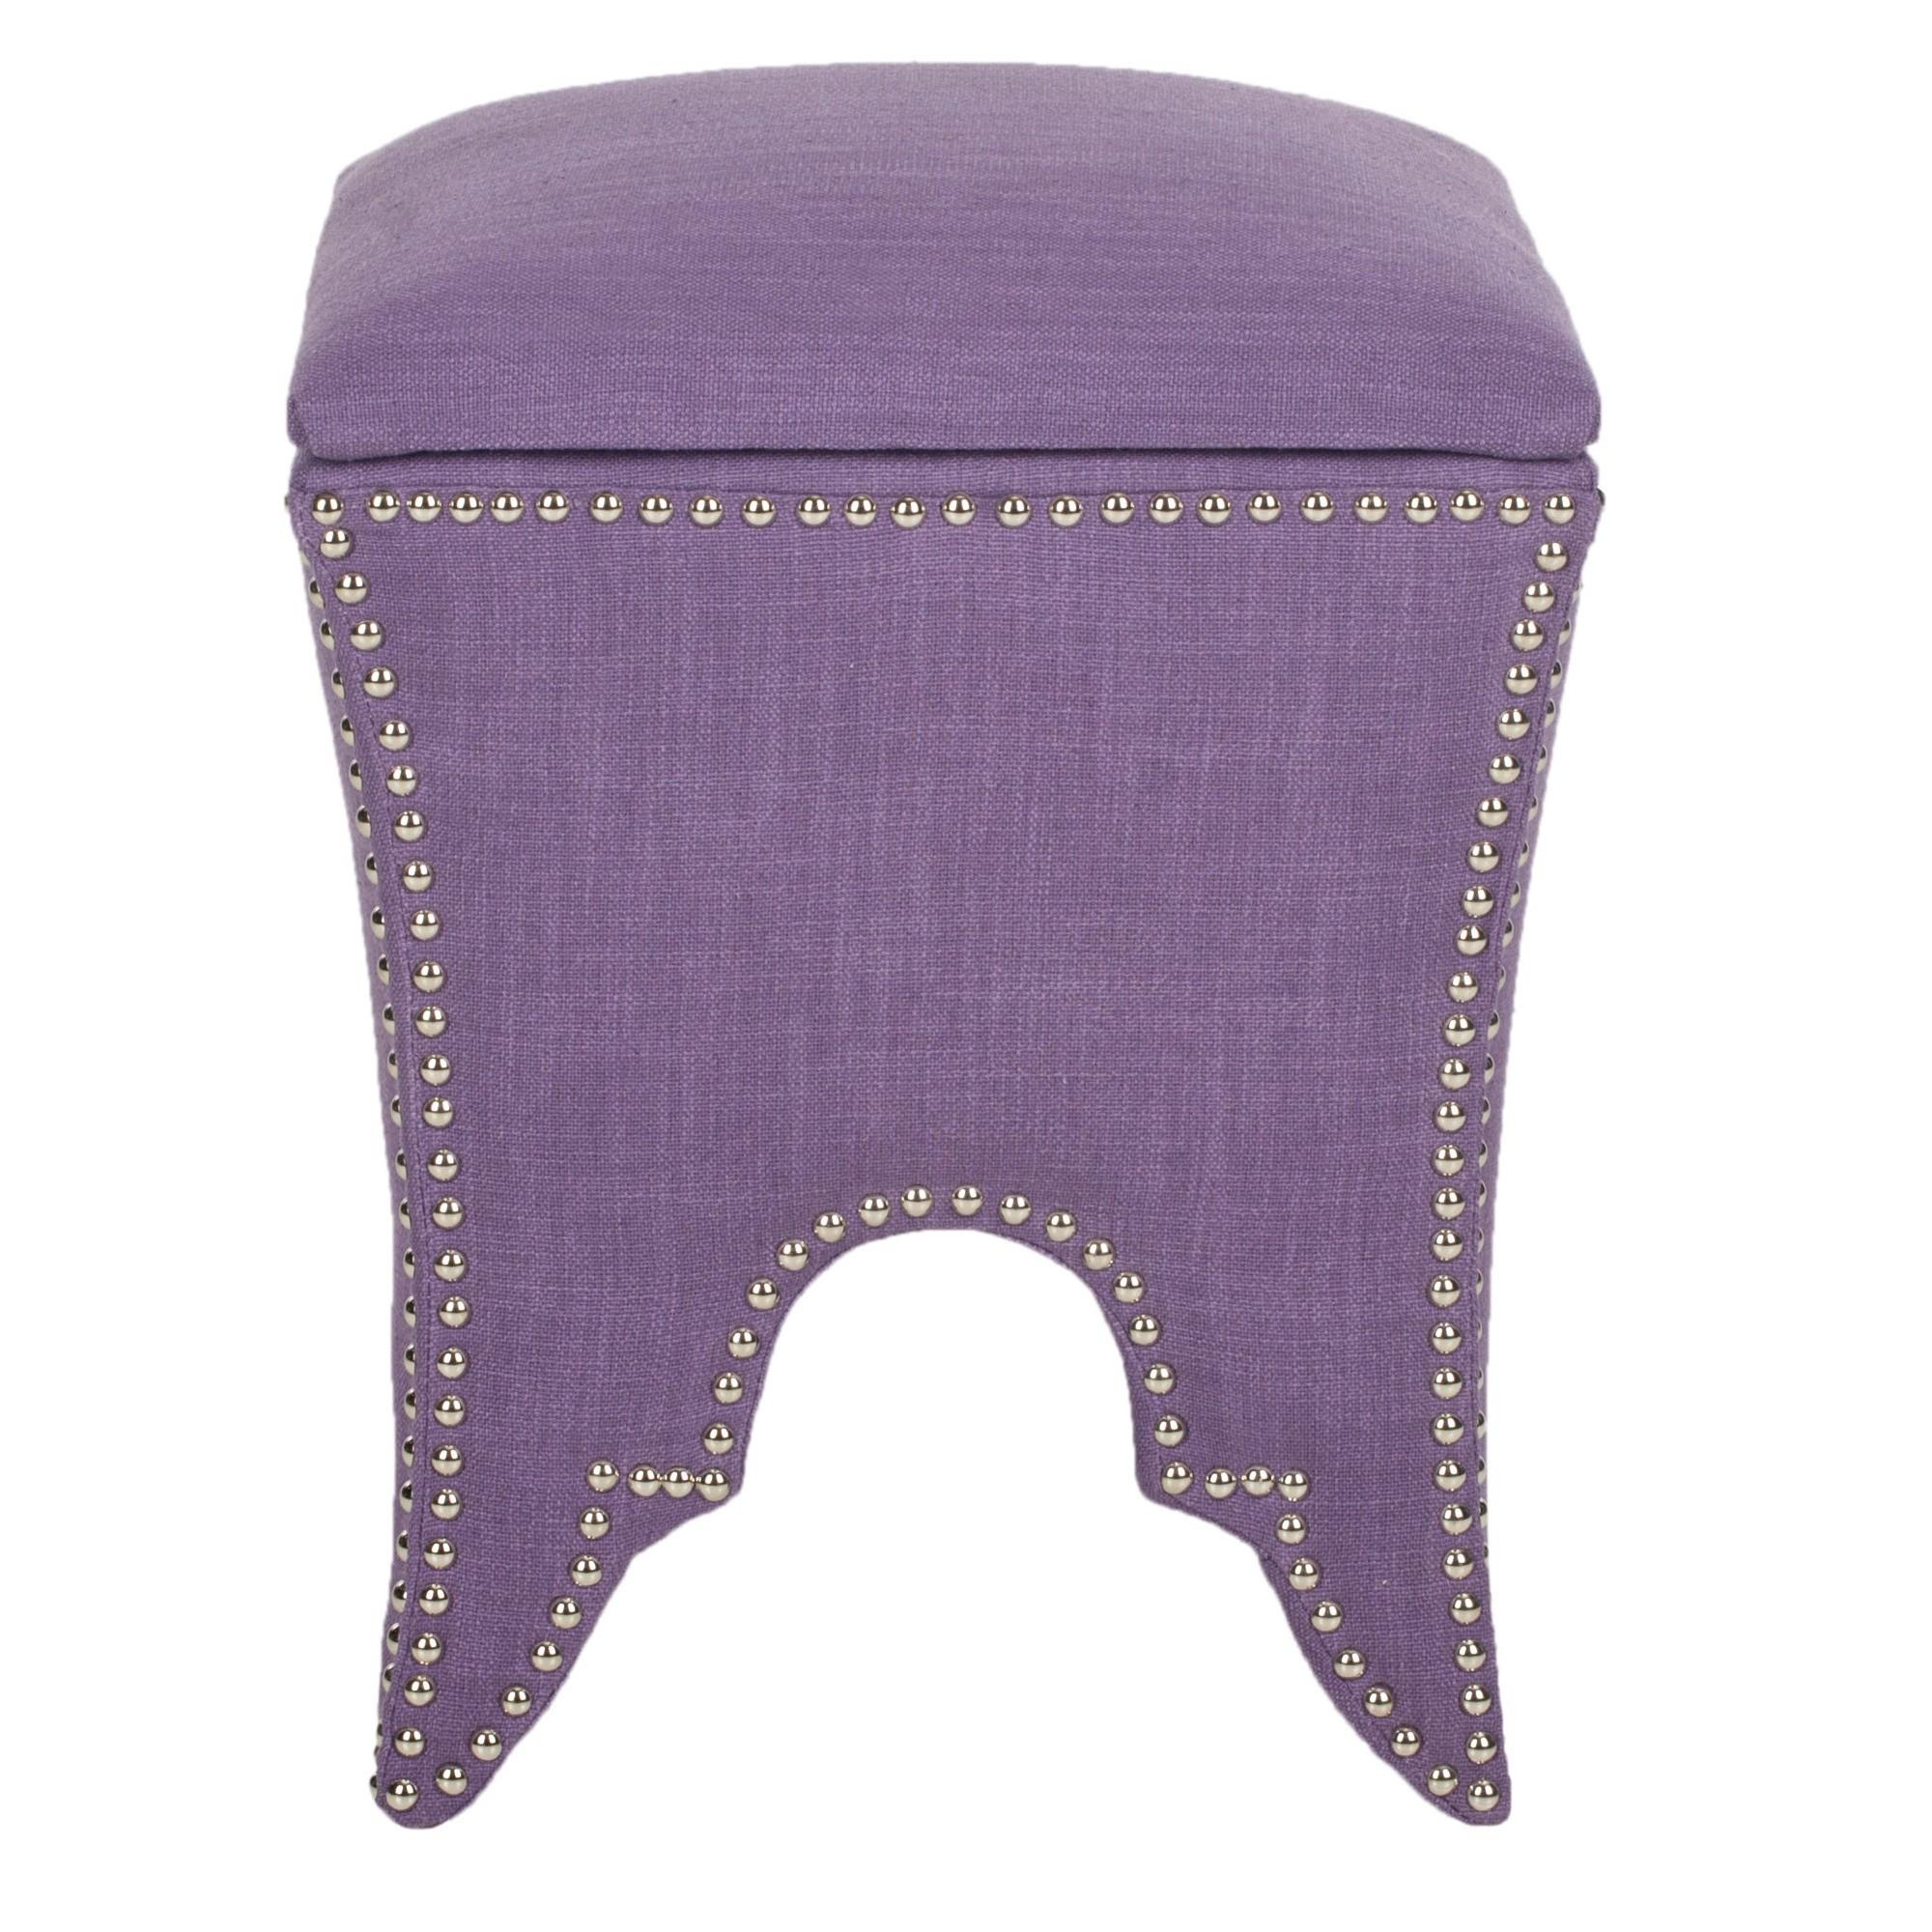 Deidra Accent Chair Olliix: Storage Ottoman - Lavender - Safavieh , Purple